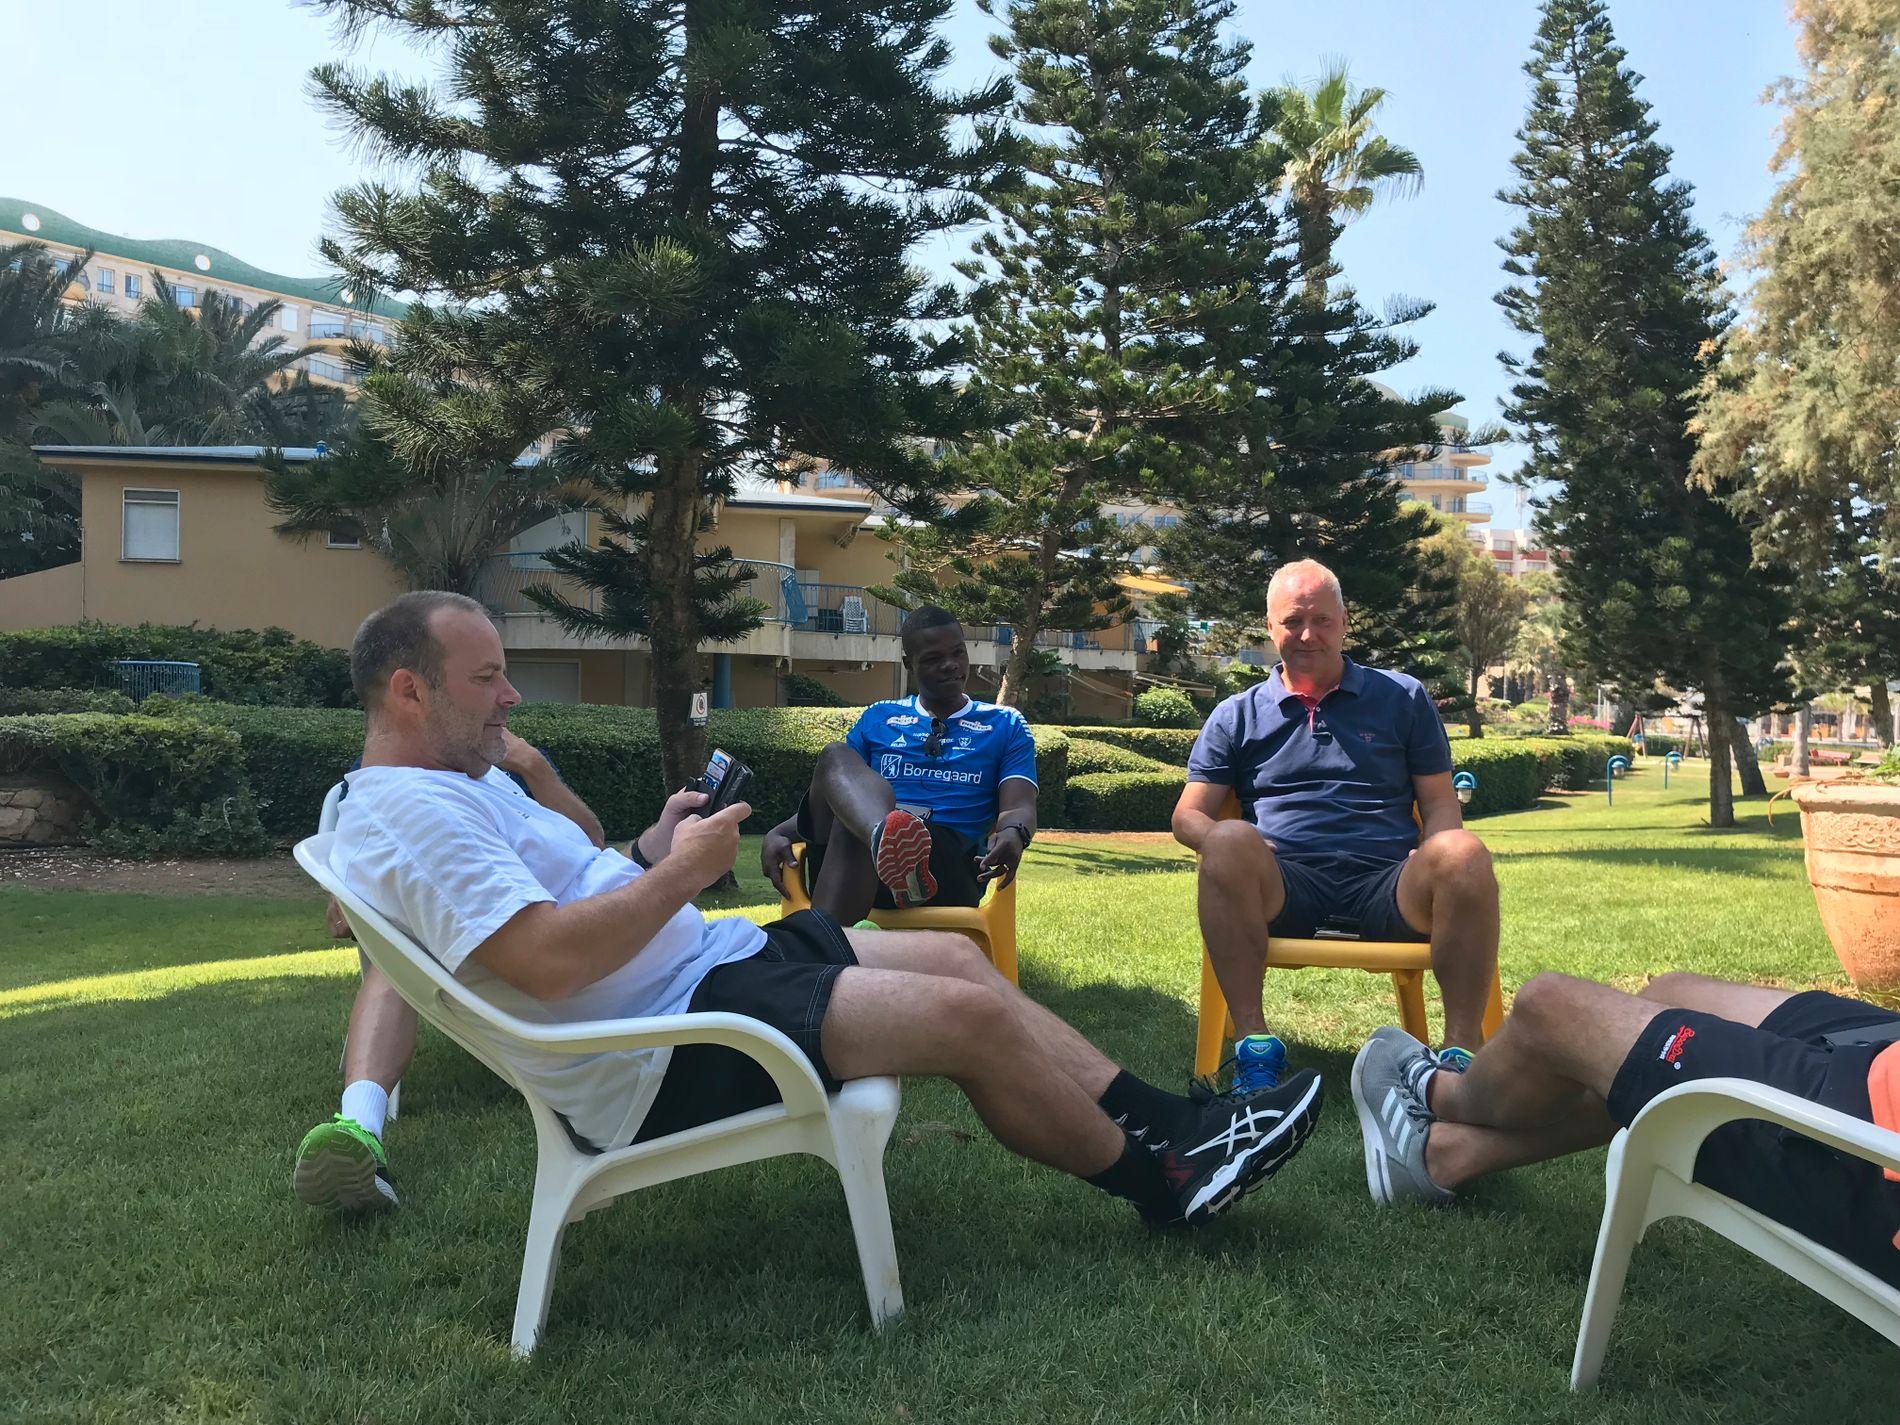 LADER BATTERIENE: Varmen er sterk i Israel, så trener Geir Bakke (t.v.) og lagleder Espen Engebretsen (t.h) har funnet skyggen sammen med resten av støtteapparatet.